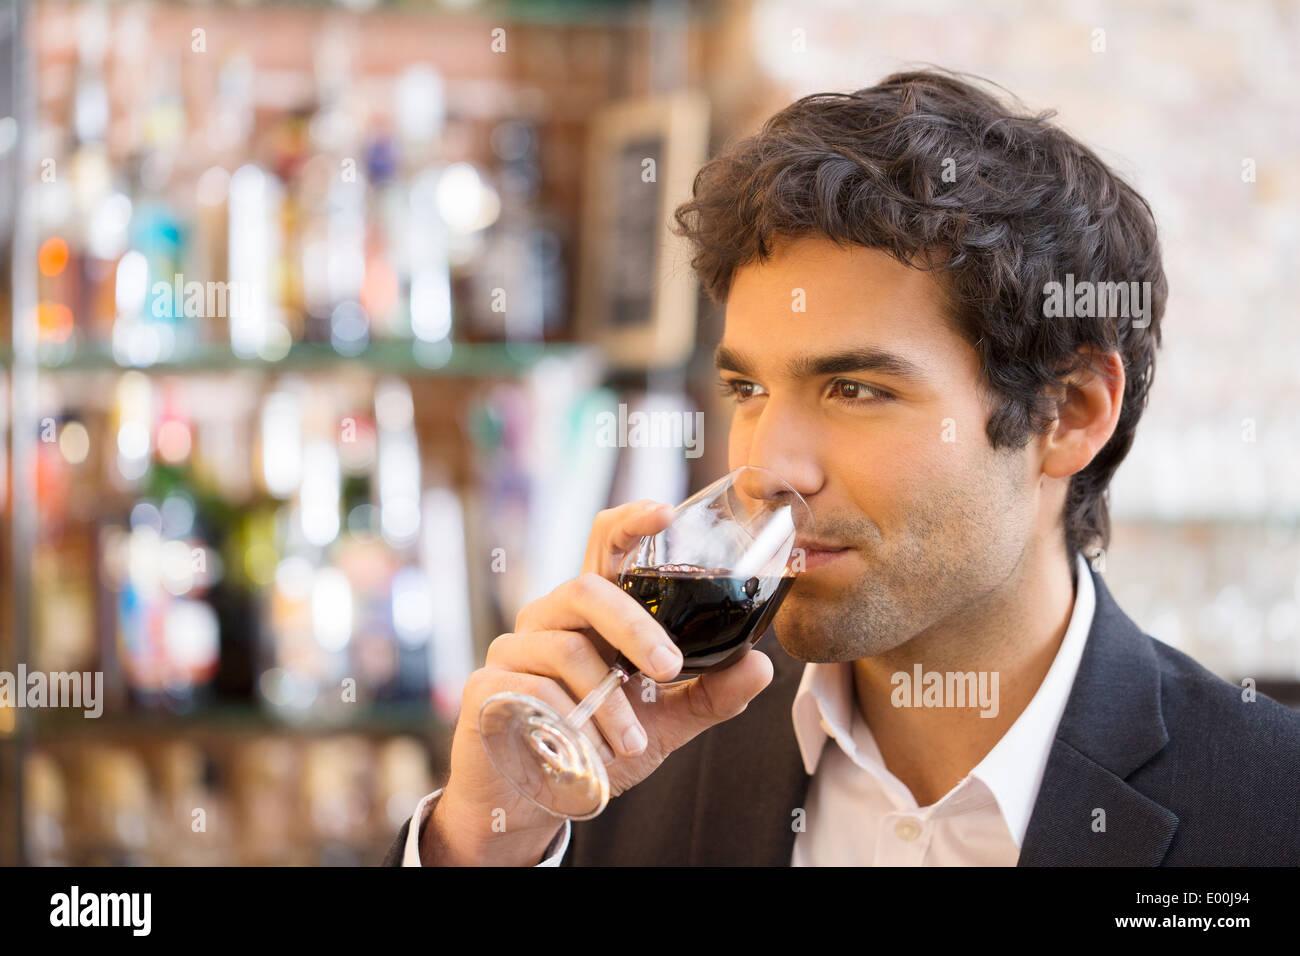 Maschio allegro caffè ristorante alcol Immagini Stock